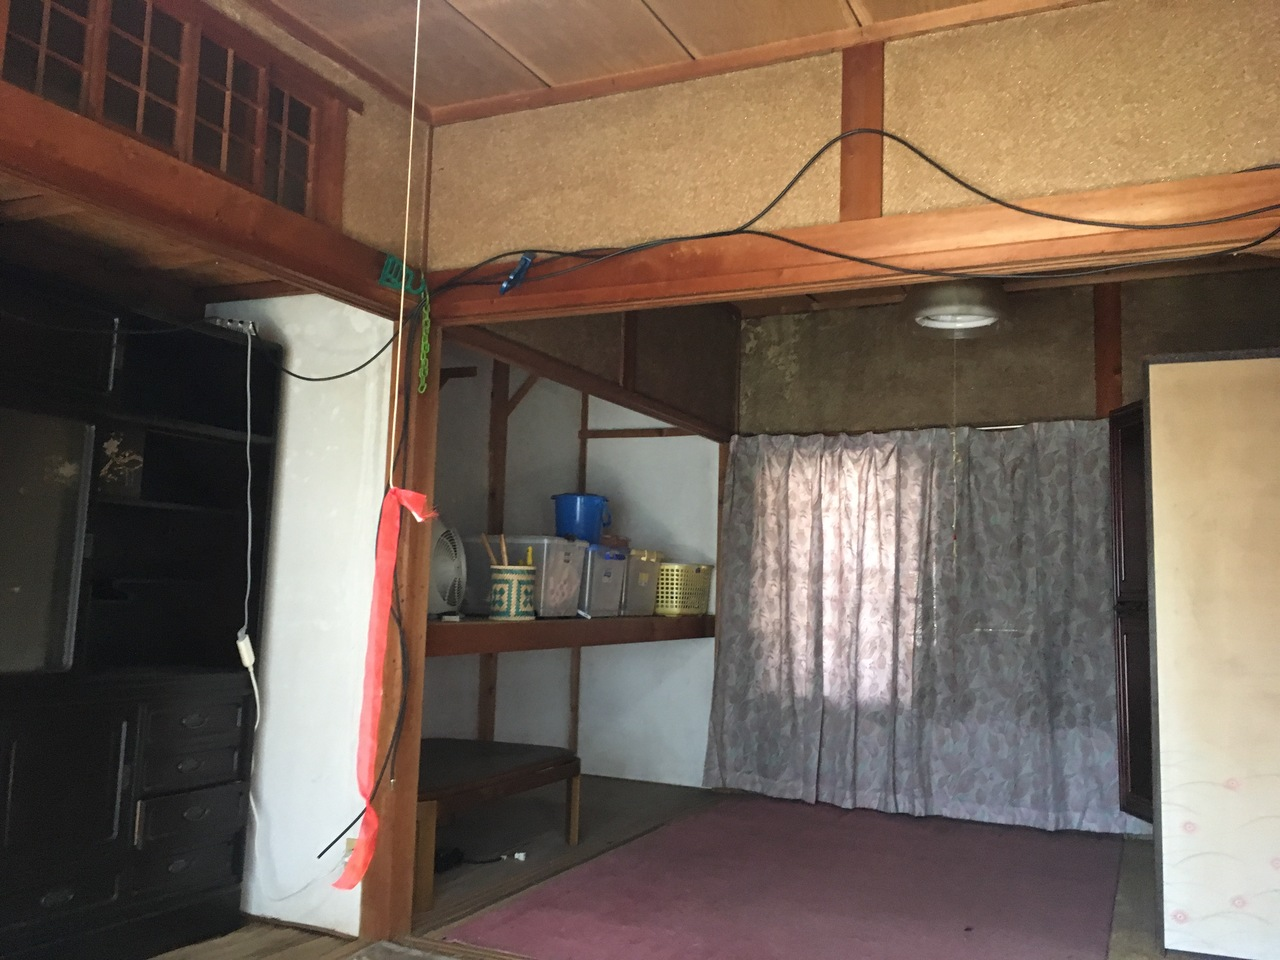 床の間と板の間がある昔ながらの和室は、落ち着きを感じそうですね